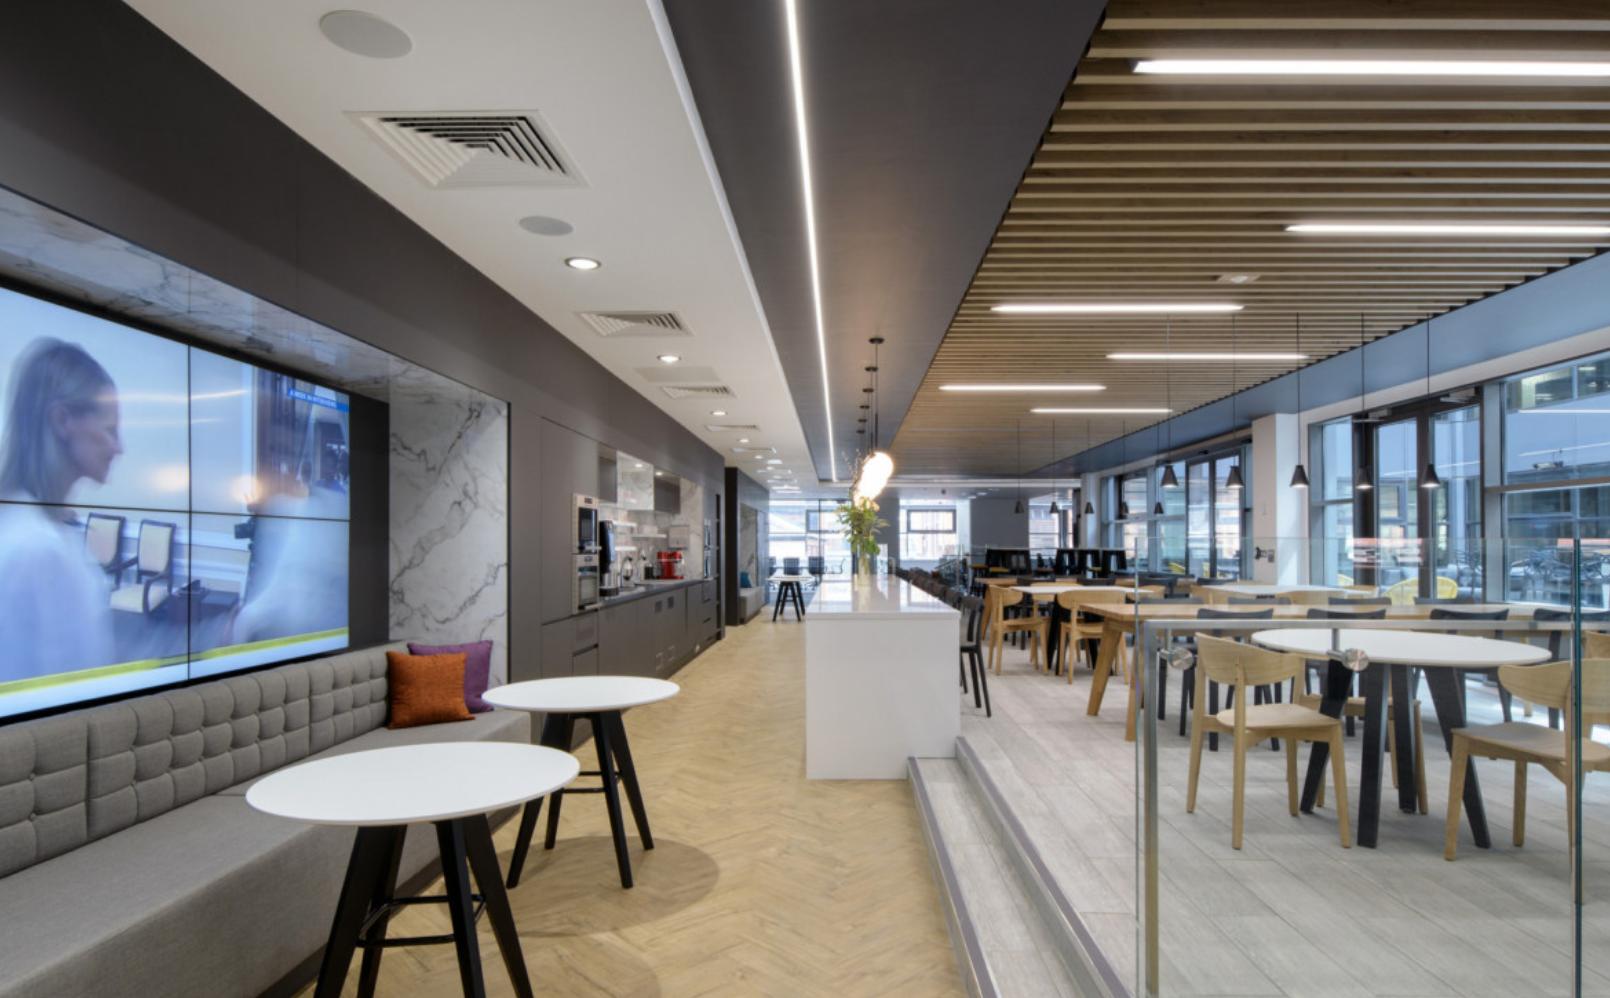 Aménagement d'un espace cafétéria